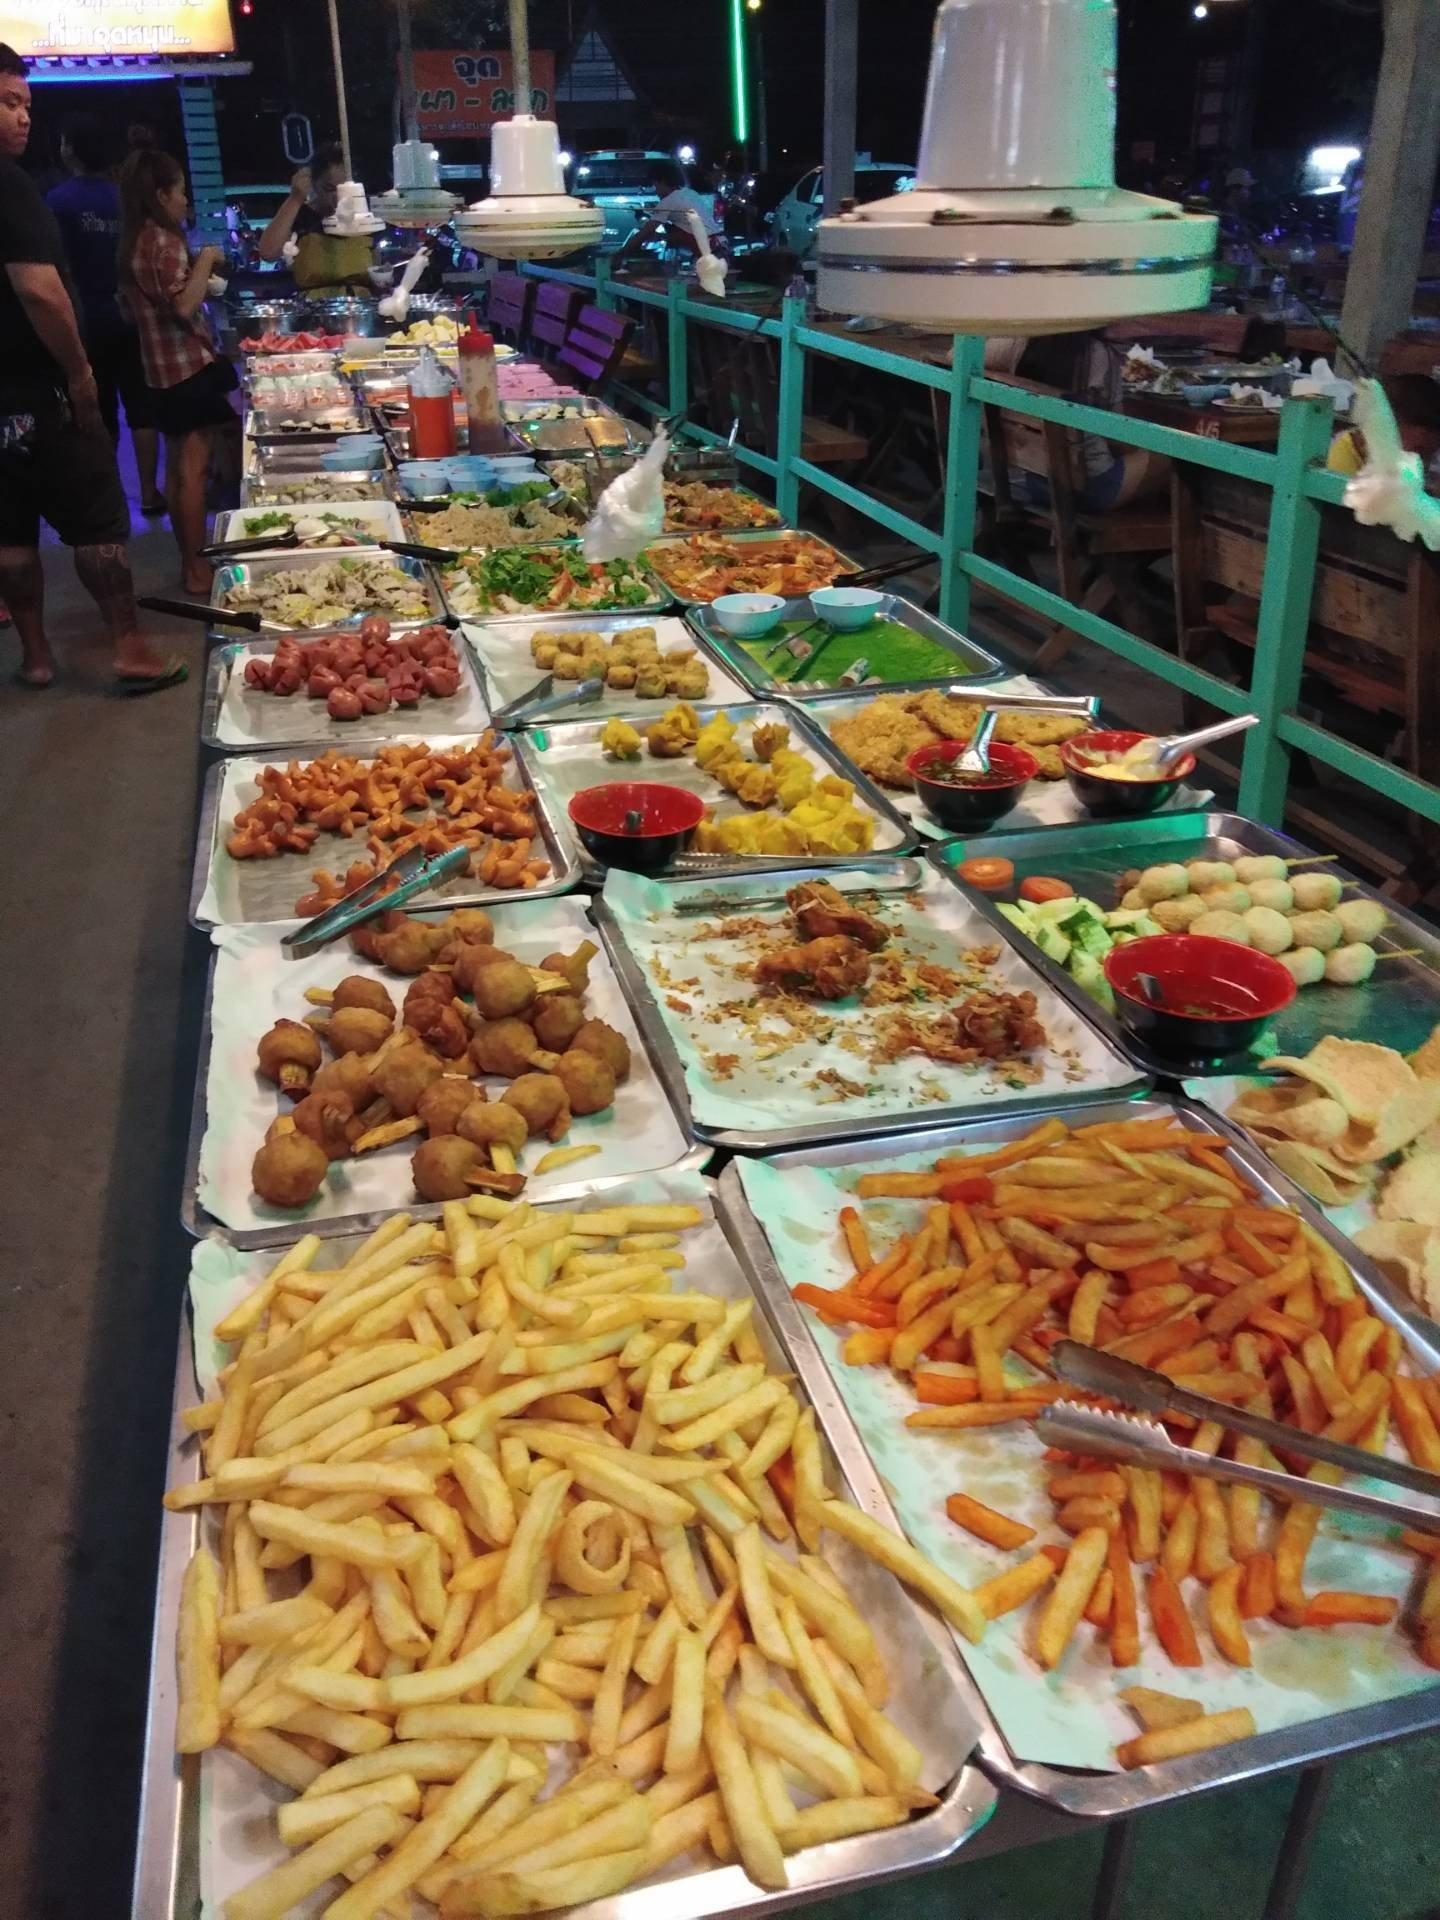 ร้าน ฟ้าใสหมูกะทะ ลำพูน | รีวิวร้านอาหาร - Wongnai